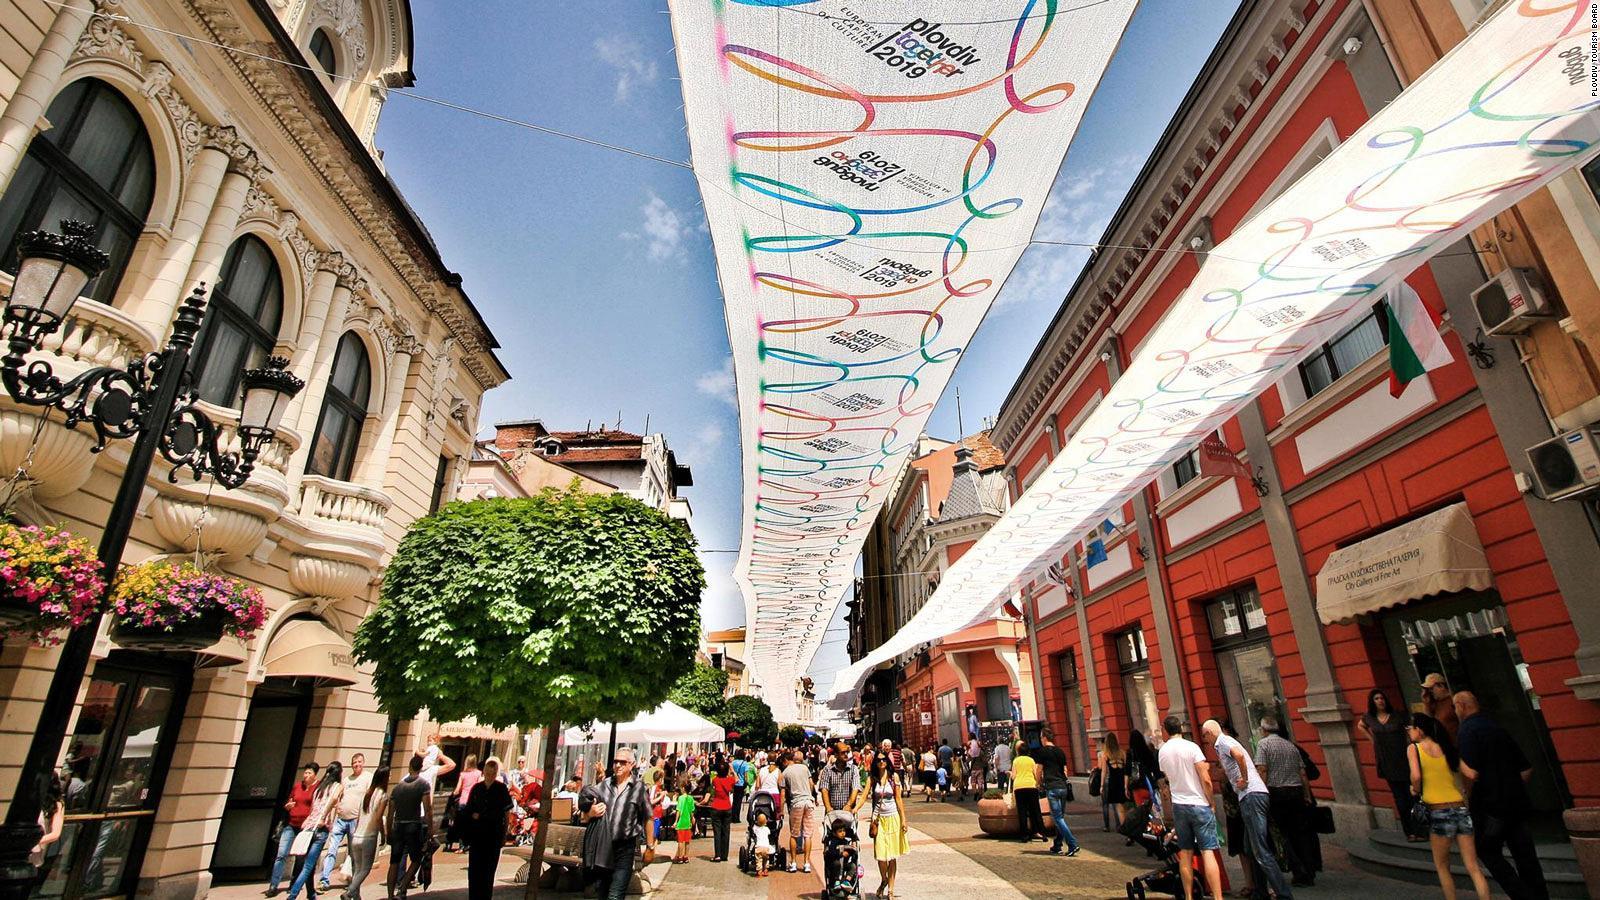 پلودیو پایتخت فرهنگی اروپا